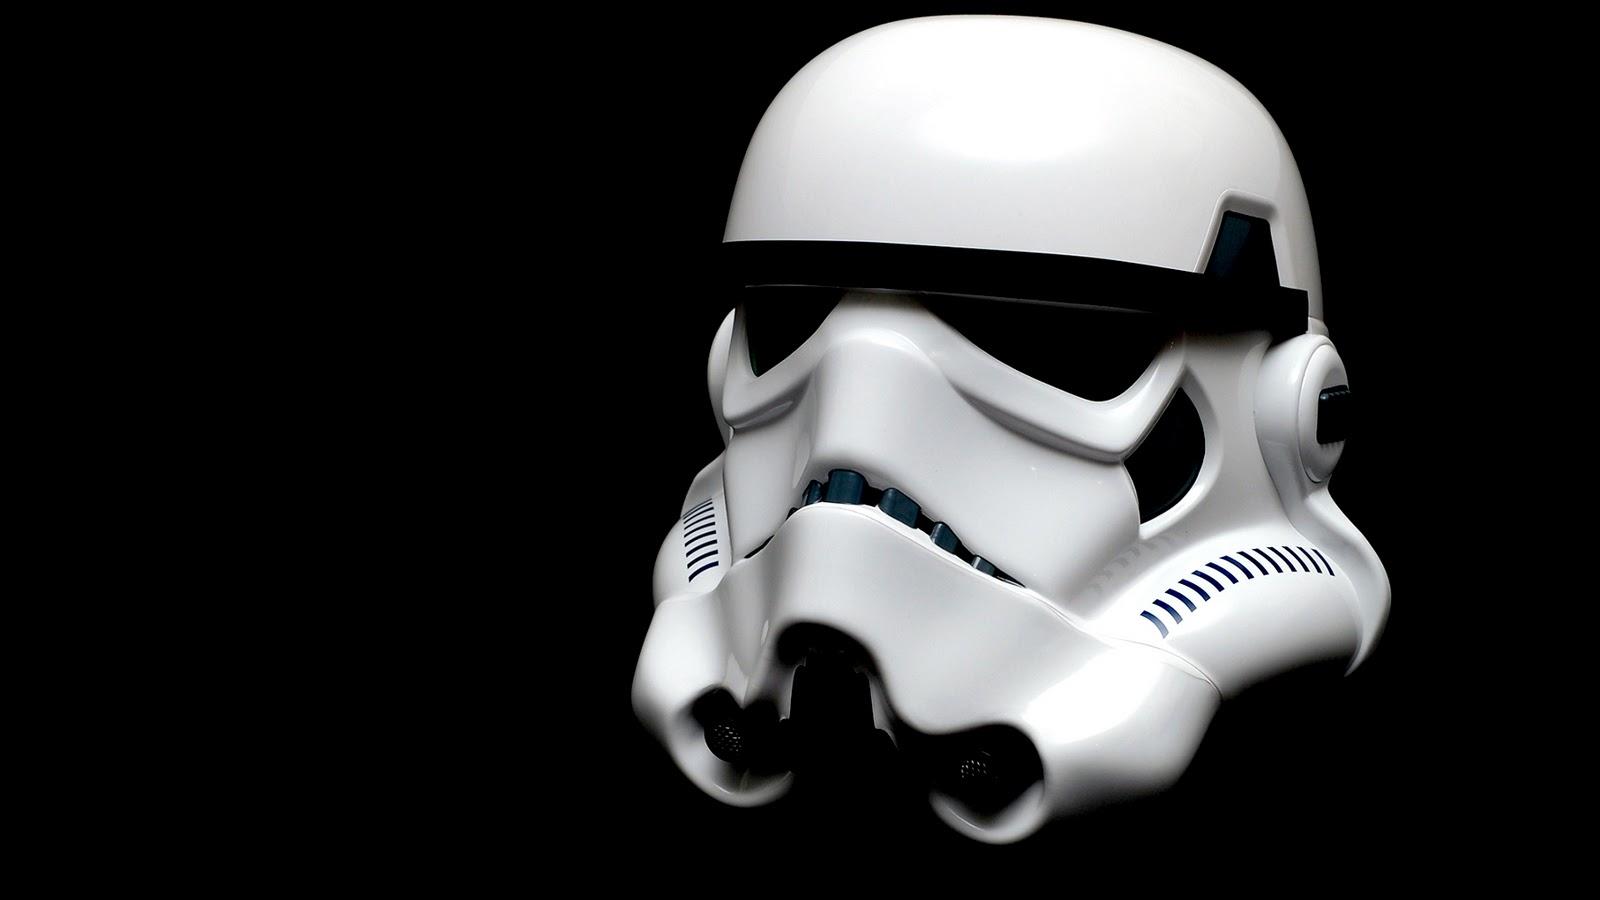 Stormtroopers Star Wars HD Wallpapers Desktop Wallpapers 1600x900